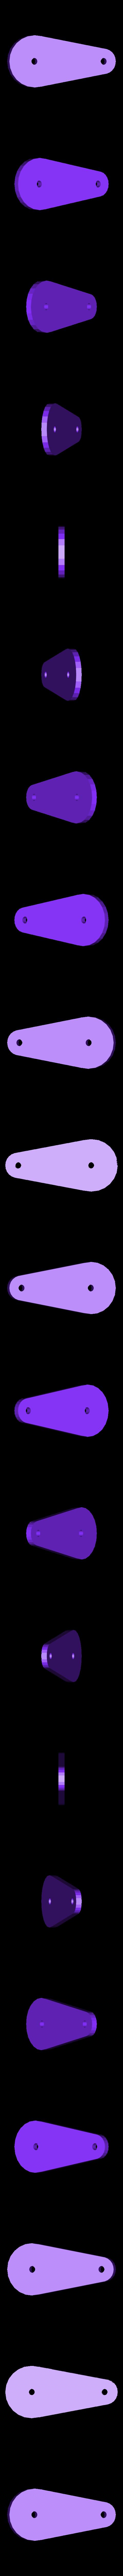 Stab_Semelle_Poids.stl Download STL file Shoulder pad for DSLR type GH4, 5D • 3D print design, Smile